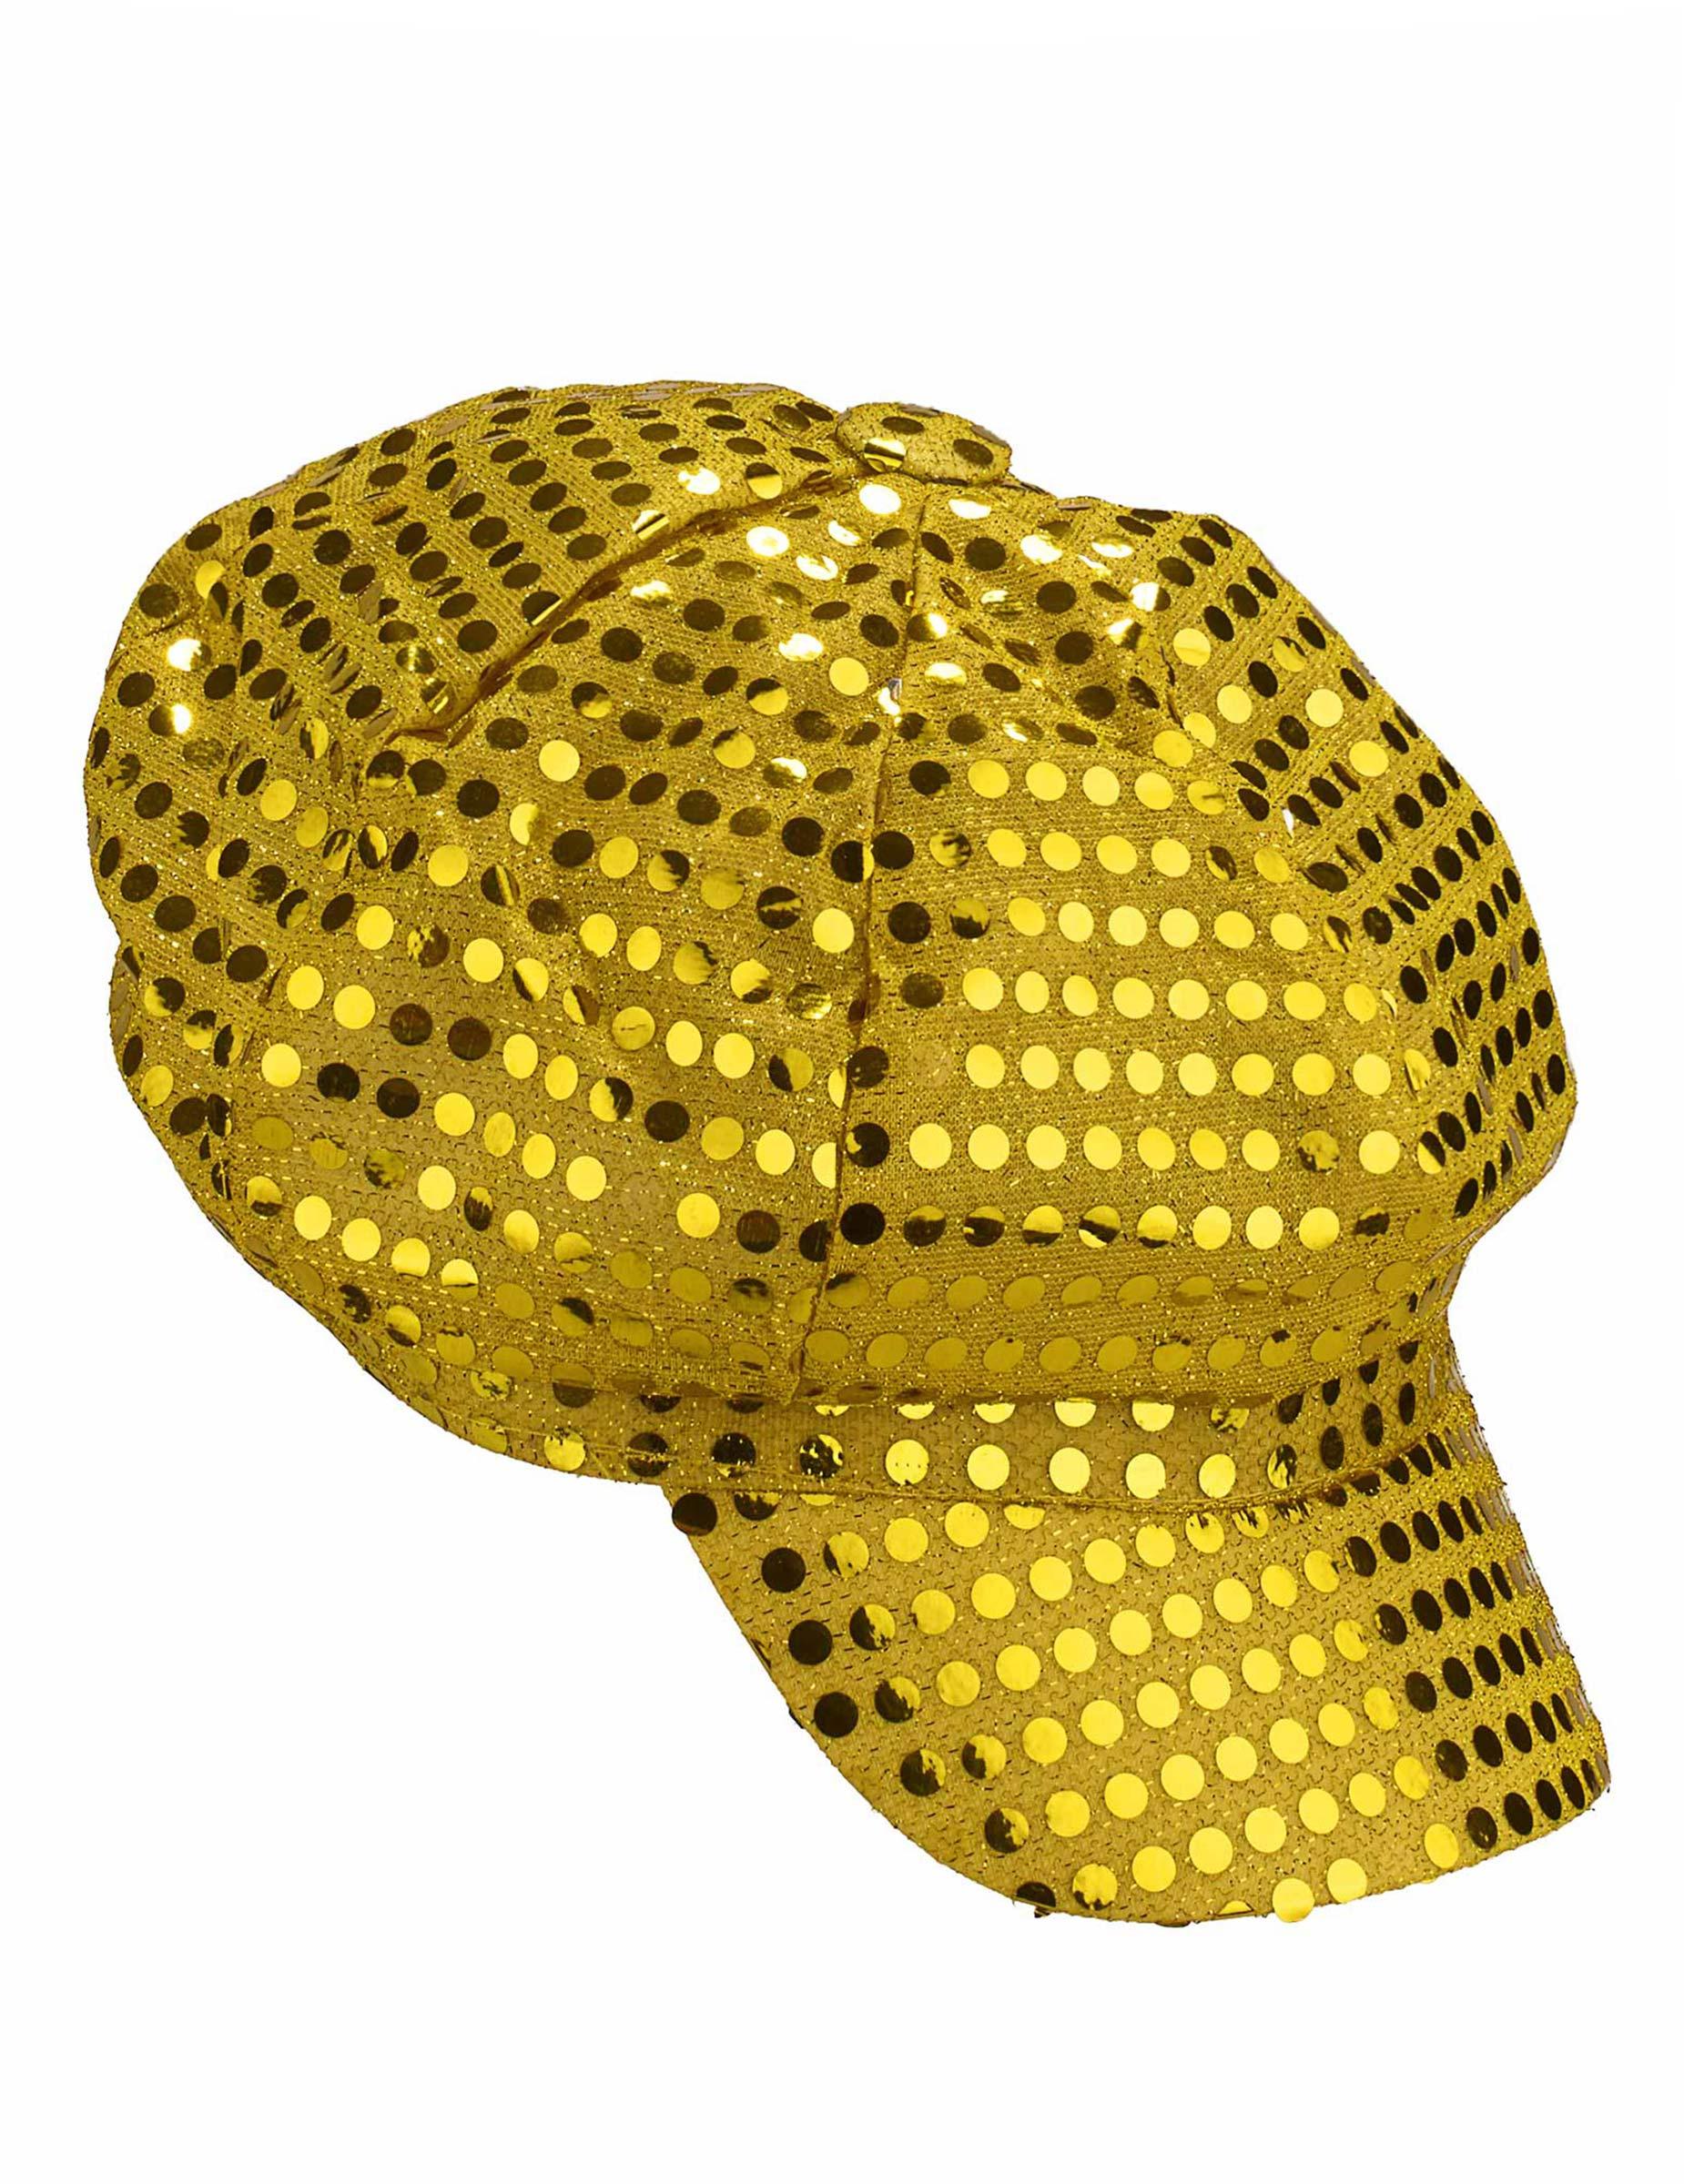 Boina dourada adulto  Chapéus 44d08446d04